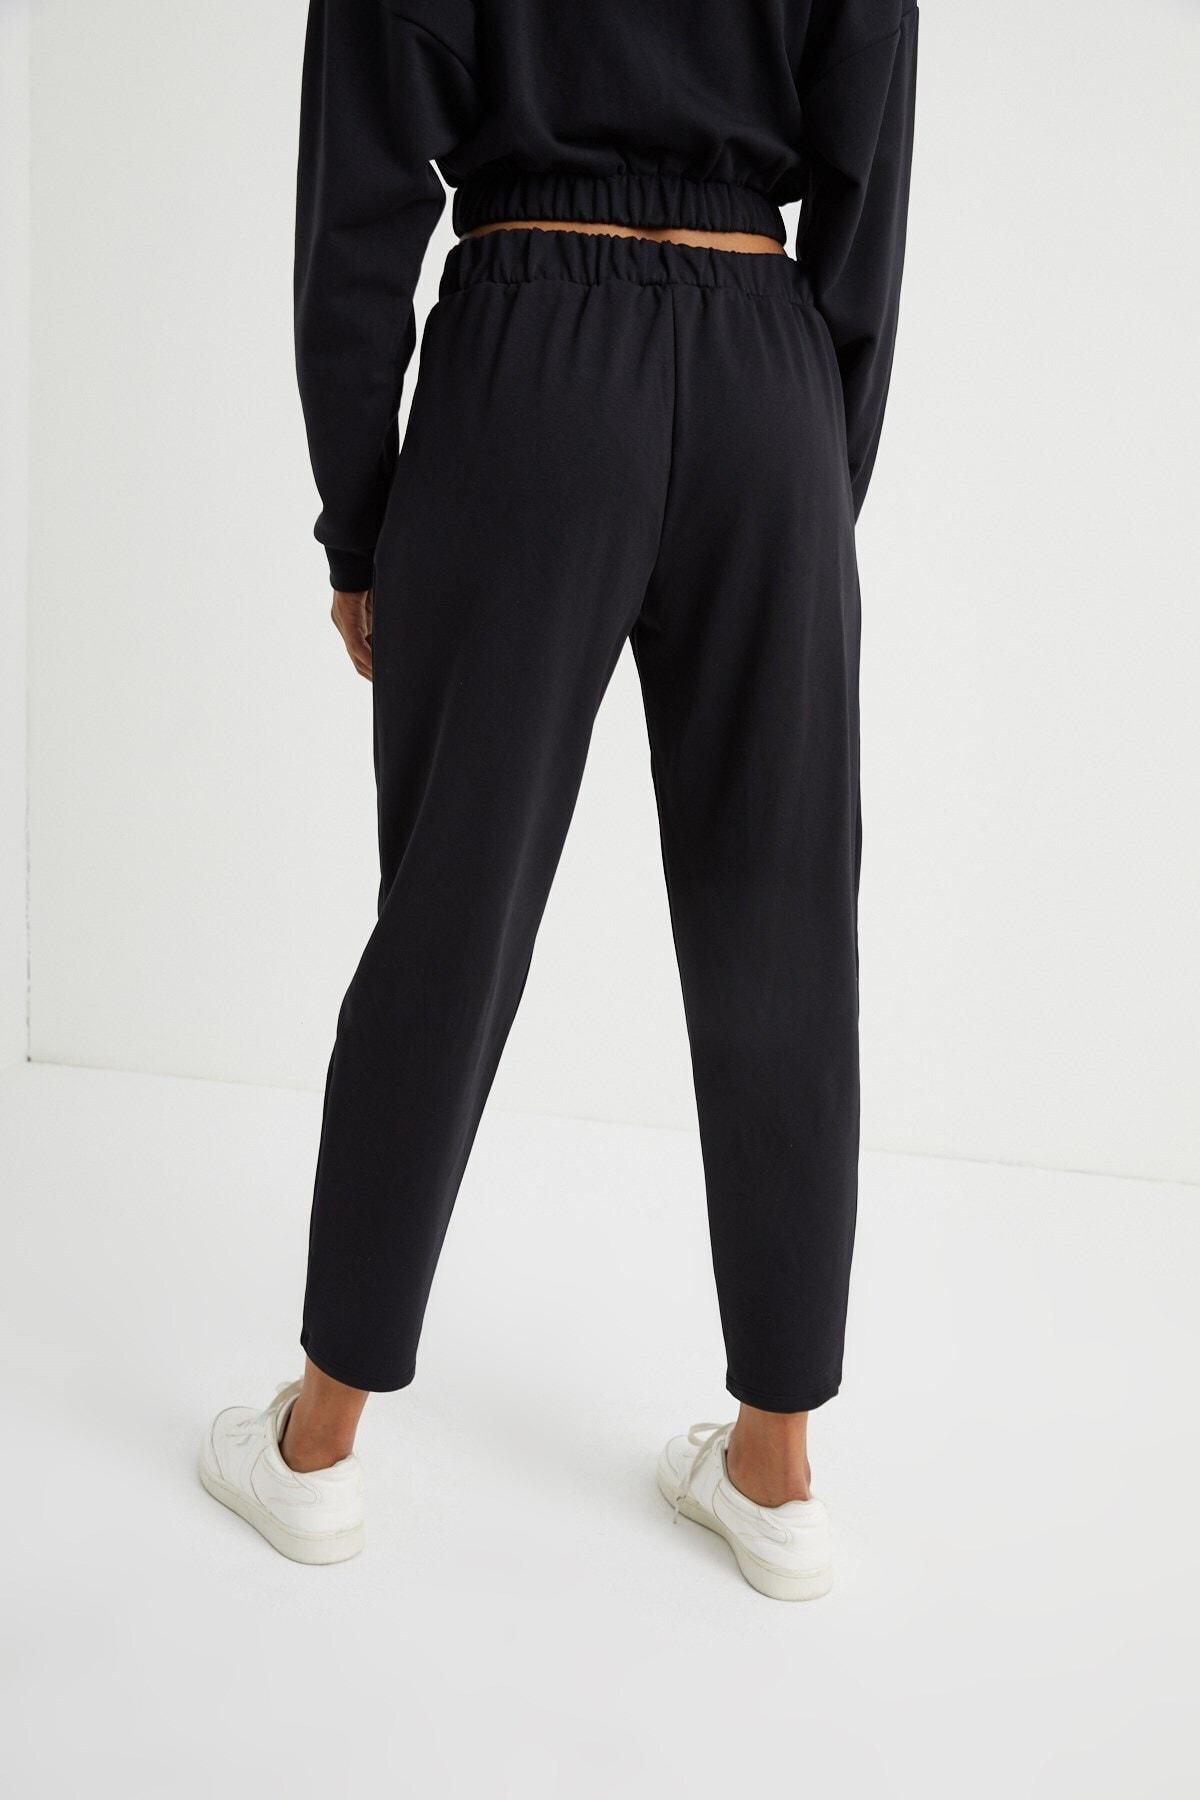 Curly Store Kadın Siyah Cepli Jogger Pantolon 2